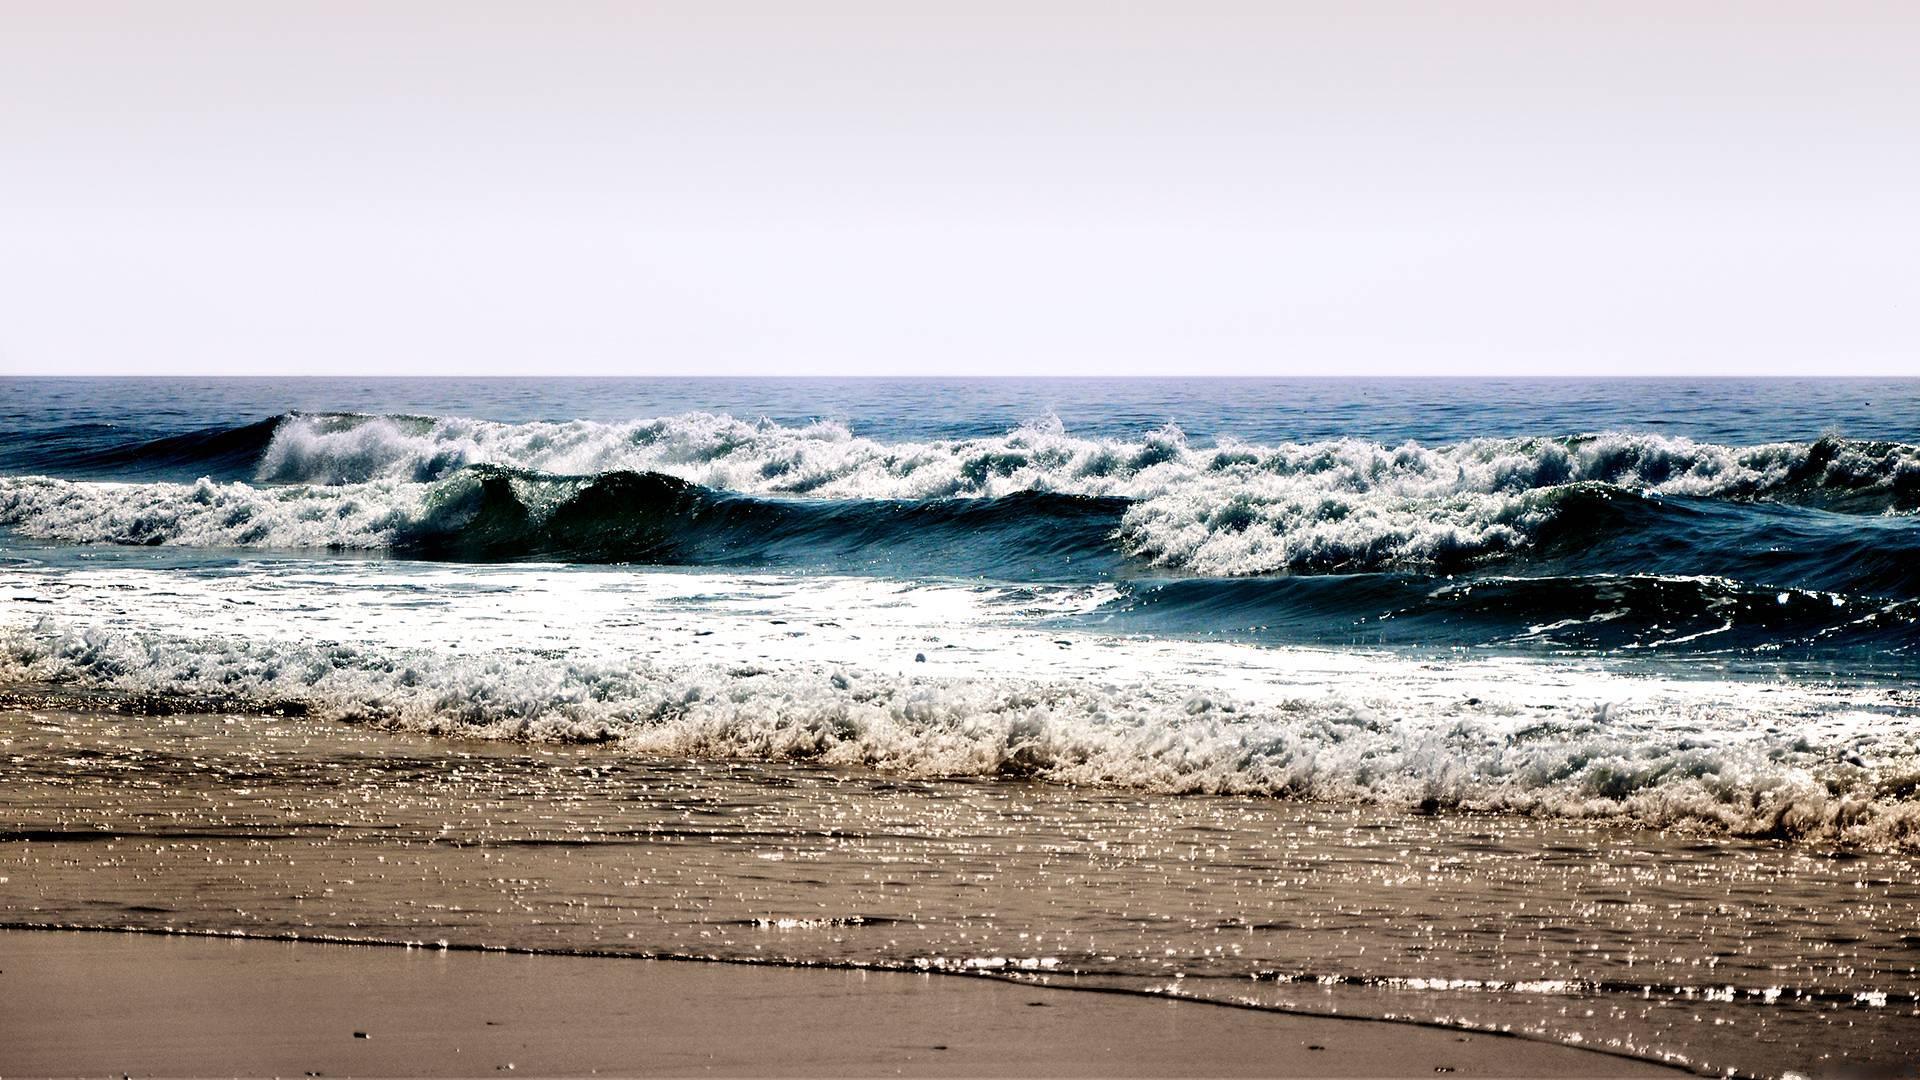 Beach Waves Wallpapers For Desktop Beach Waves: Beach Waves Wallpaper